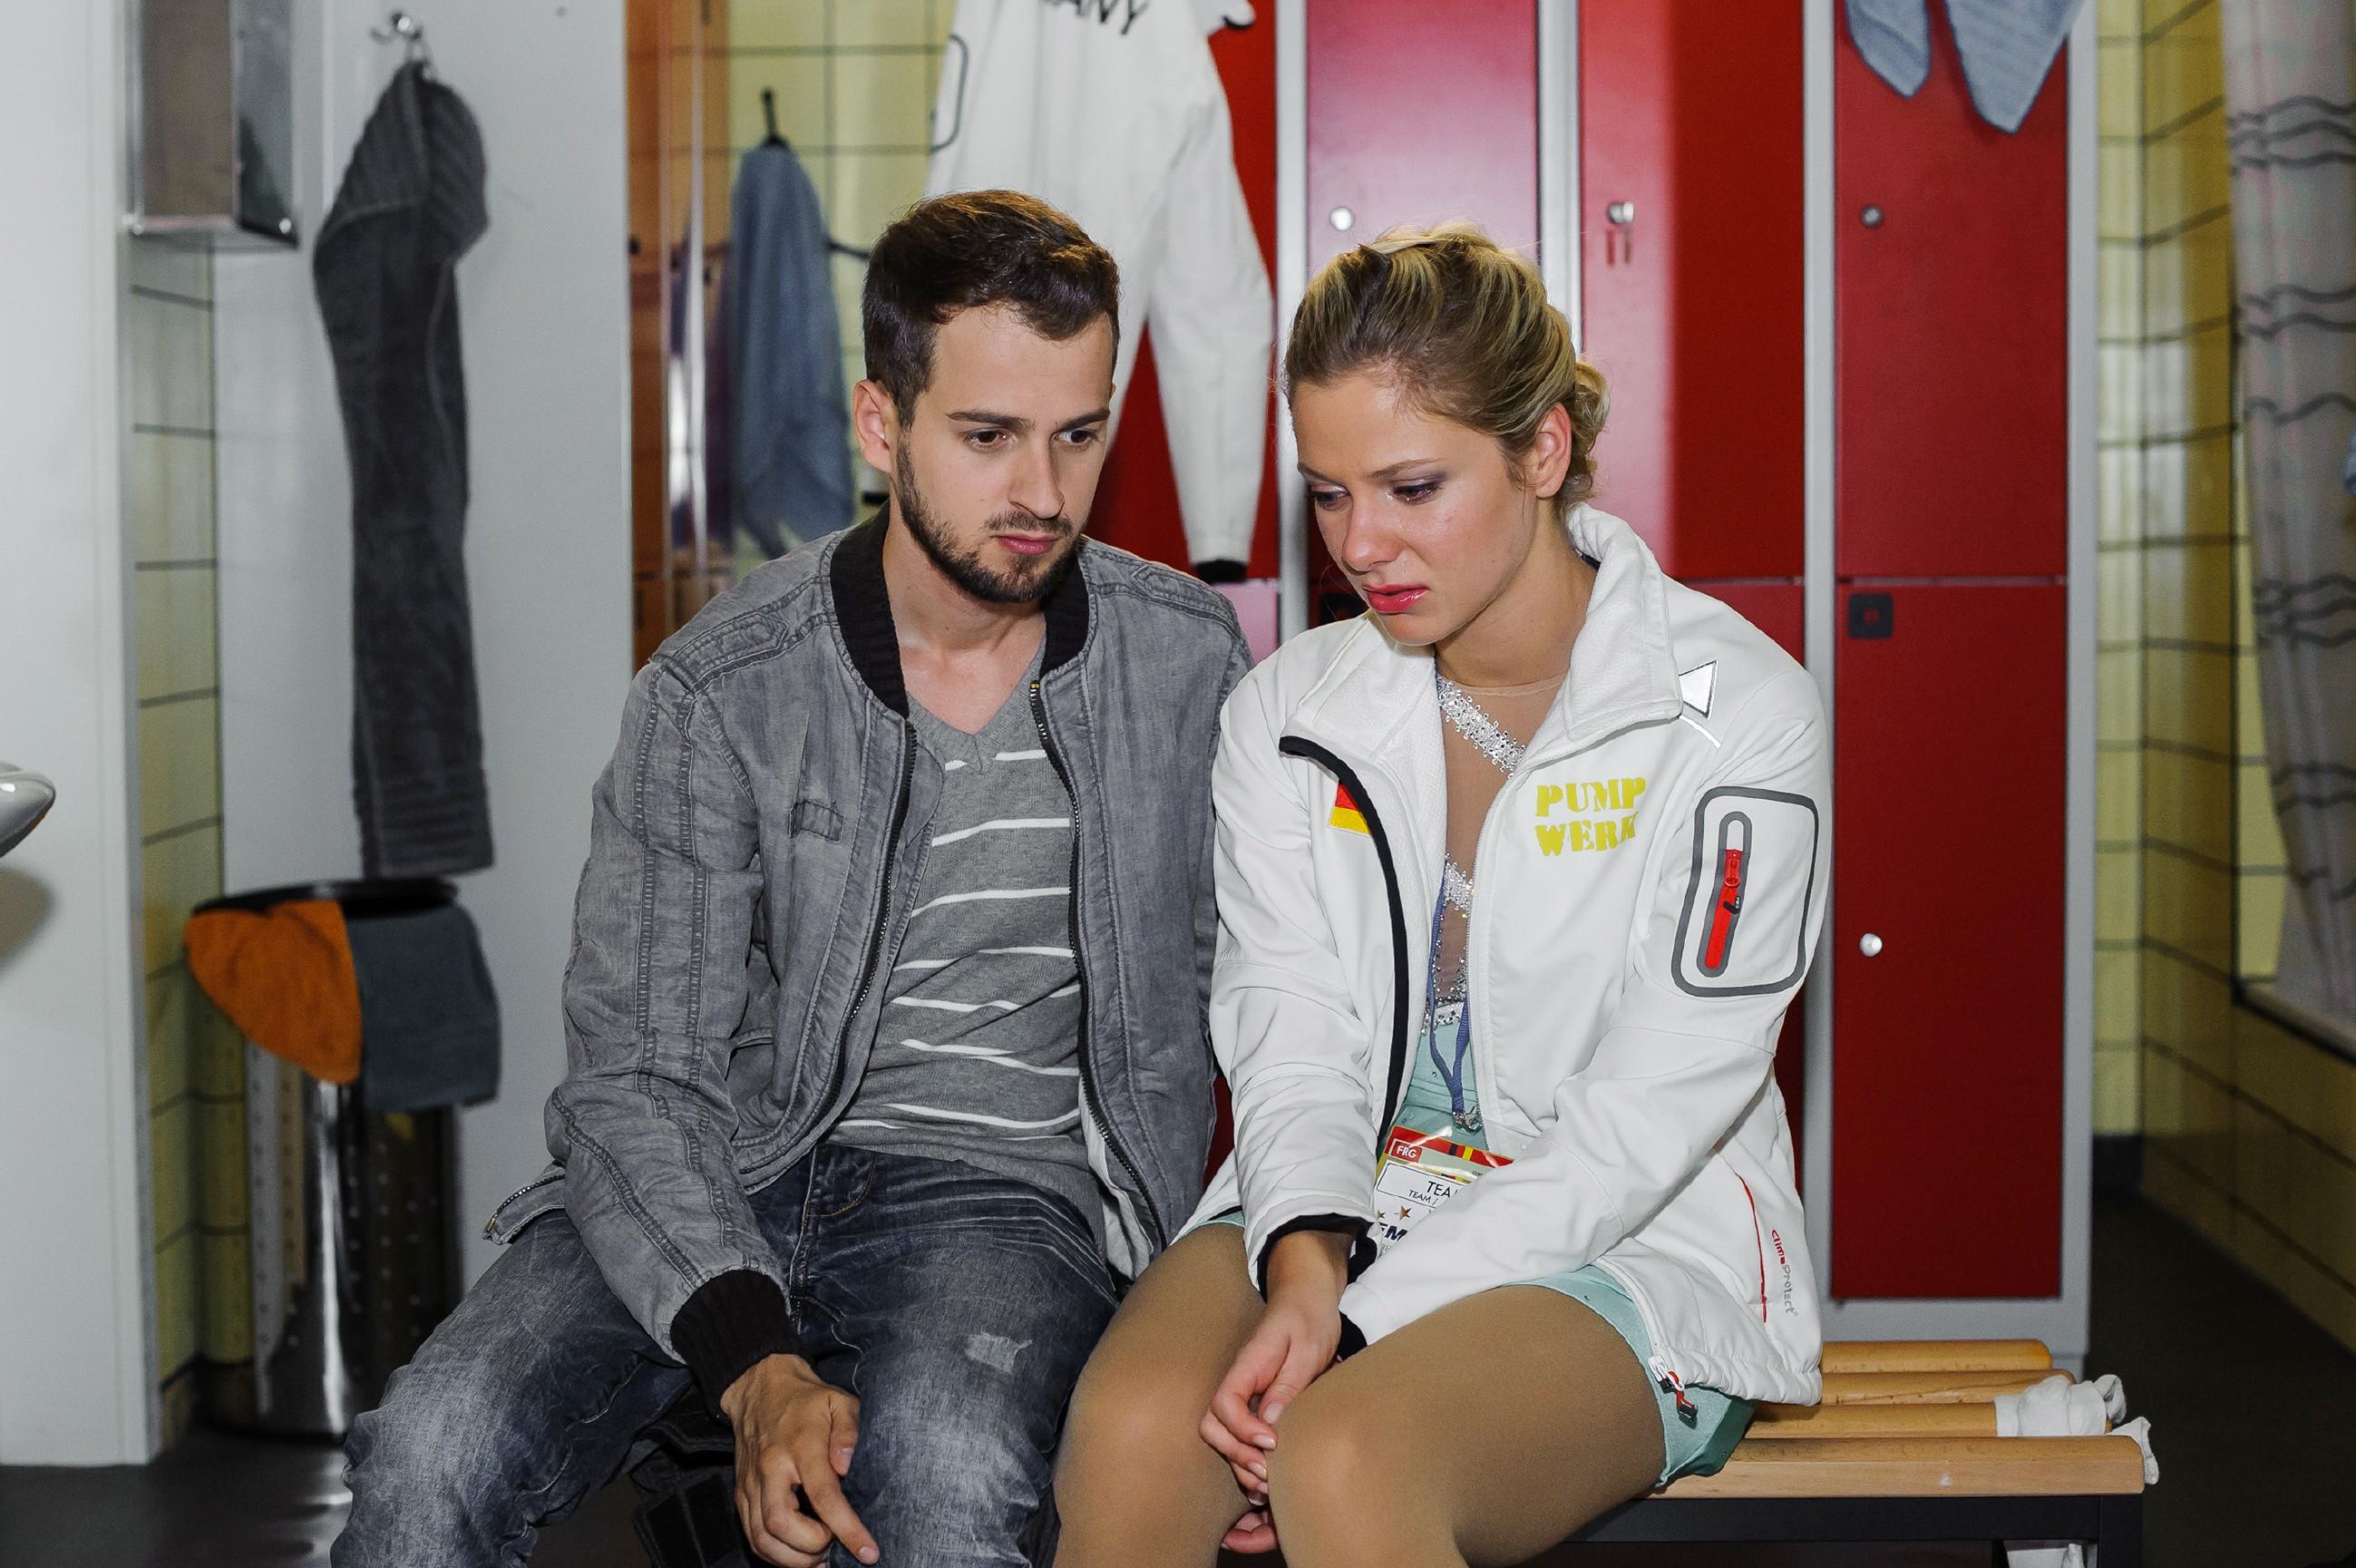 Die Nachricht, dass Tobis (Michael Jassin) Ex von ihm schwanger ist, wirft Marie (Cheyenne Pahde) kurz vor ihrem Kurzprogramm mächtig aus der Bahn.